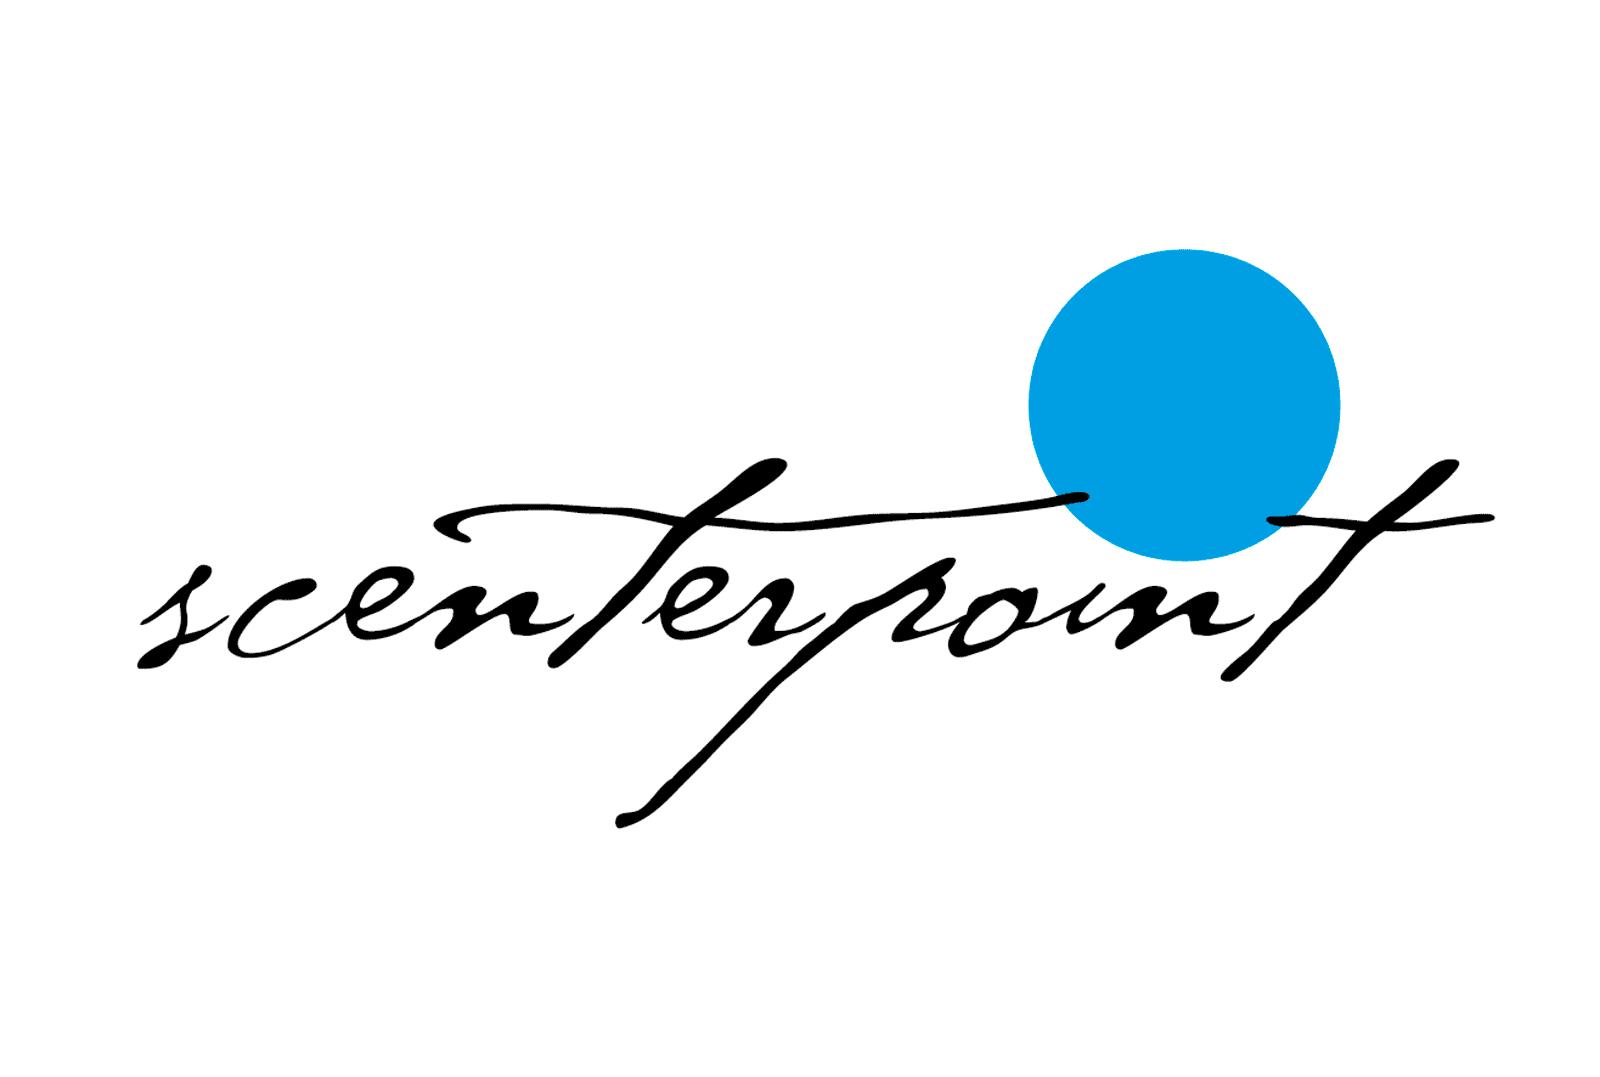 Scenterpoint logo